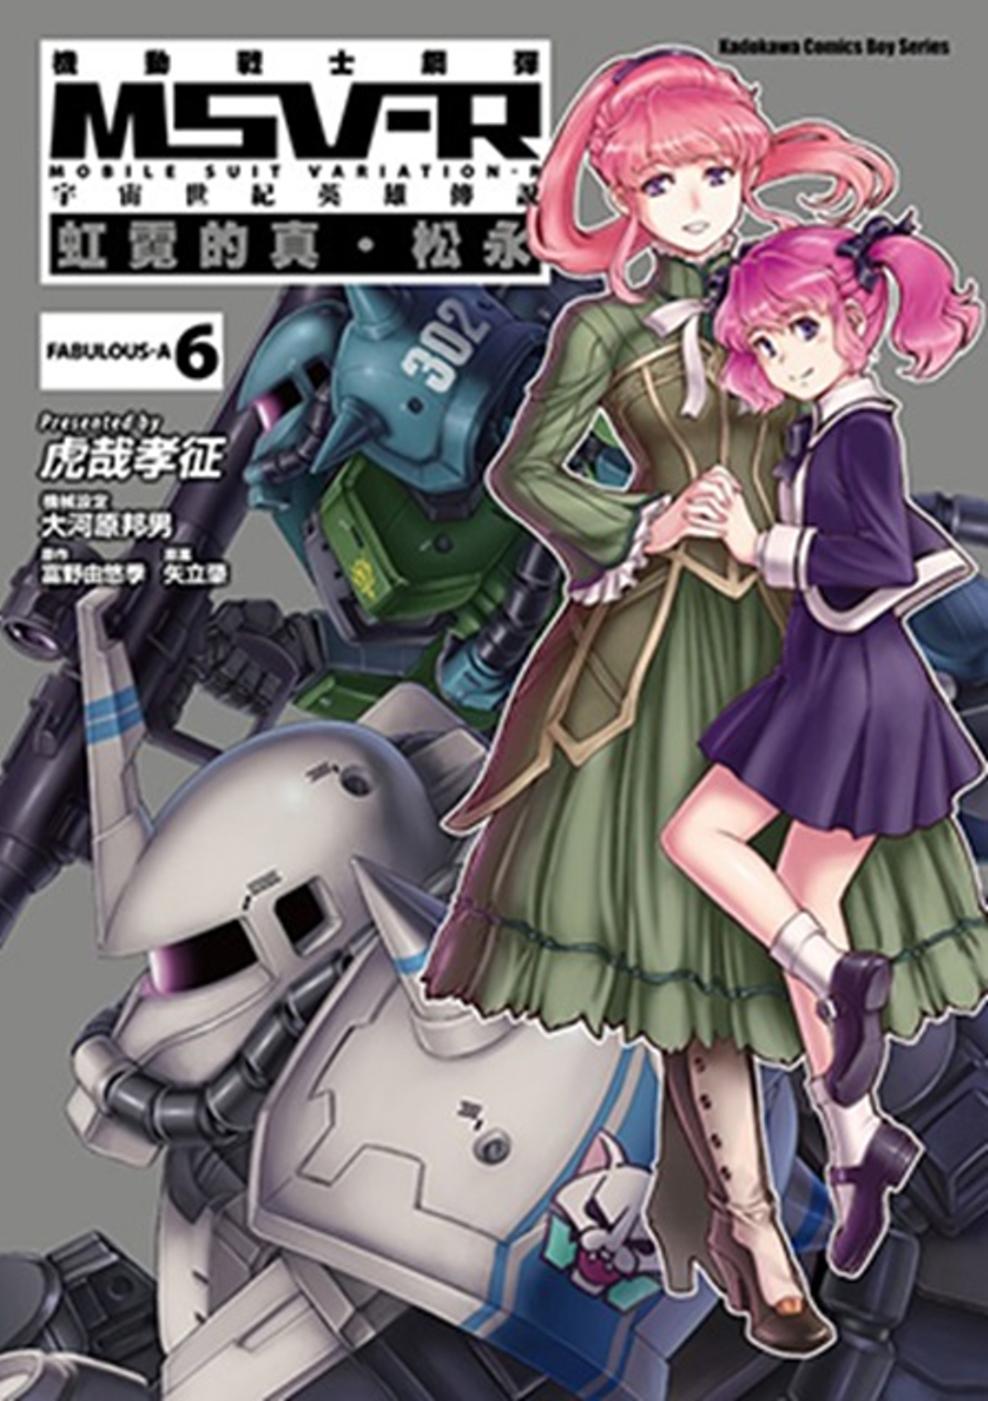 機動戰士鋼彈 MSV-R 宇宙世紀英雄傳說 虹霓的真‧松永 06